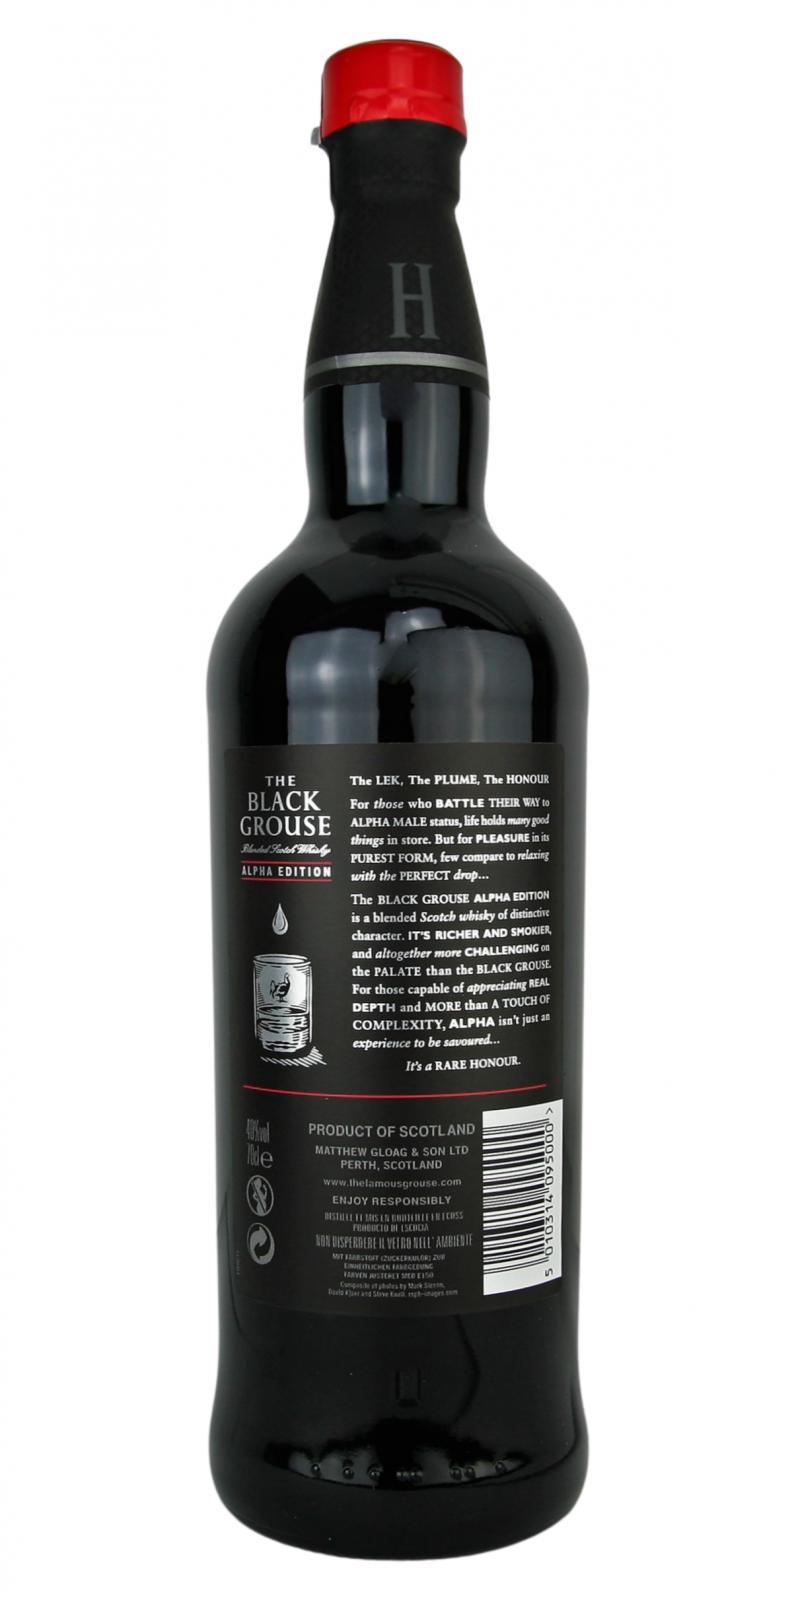 The Black Grouse Alpha Edition